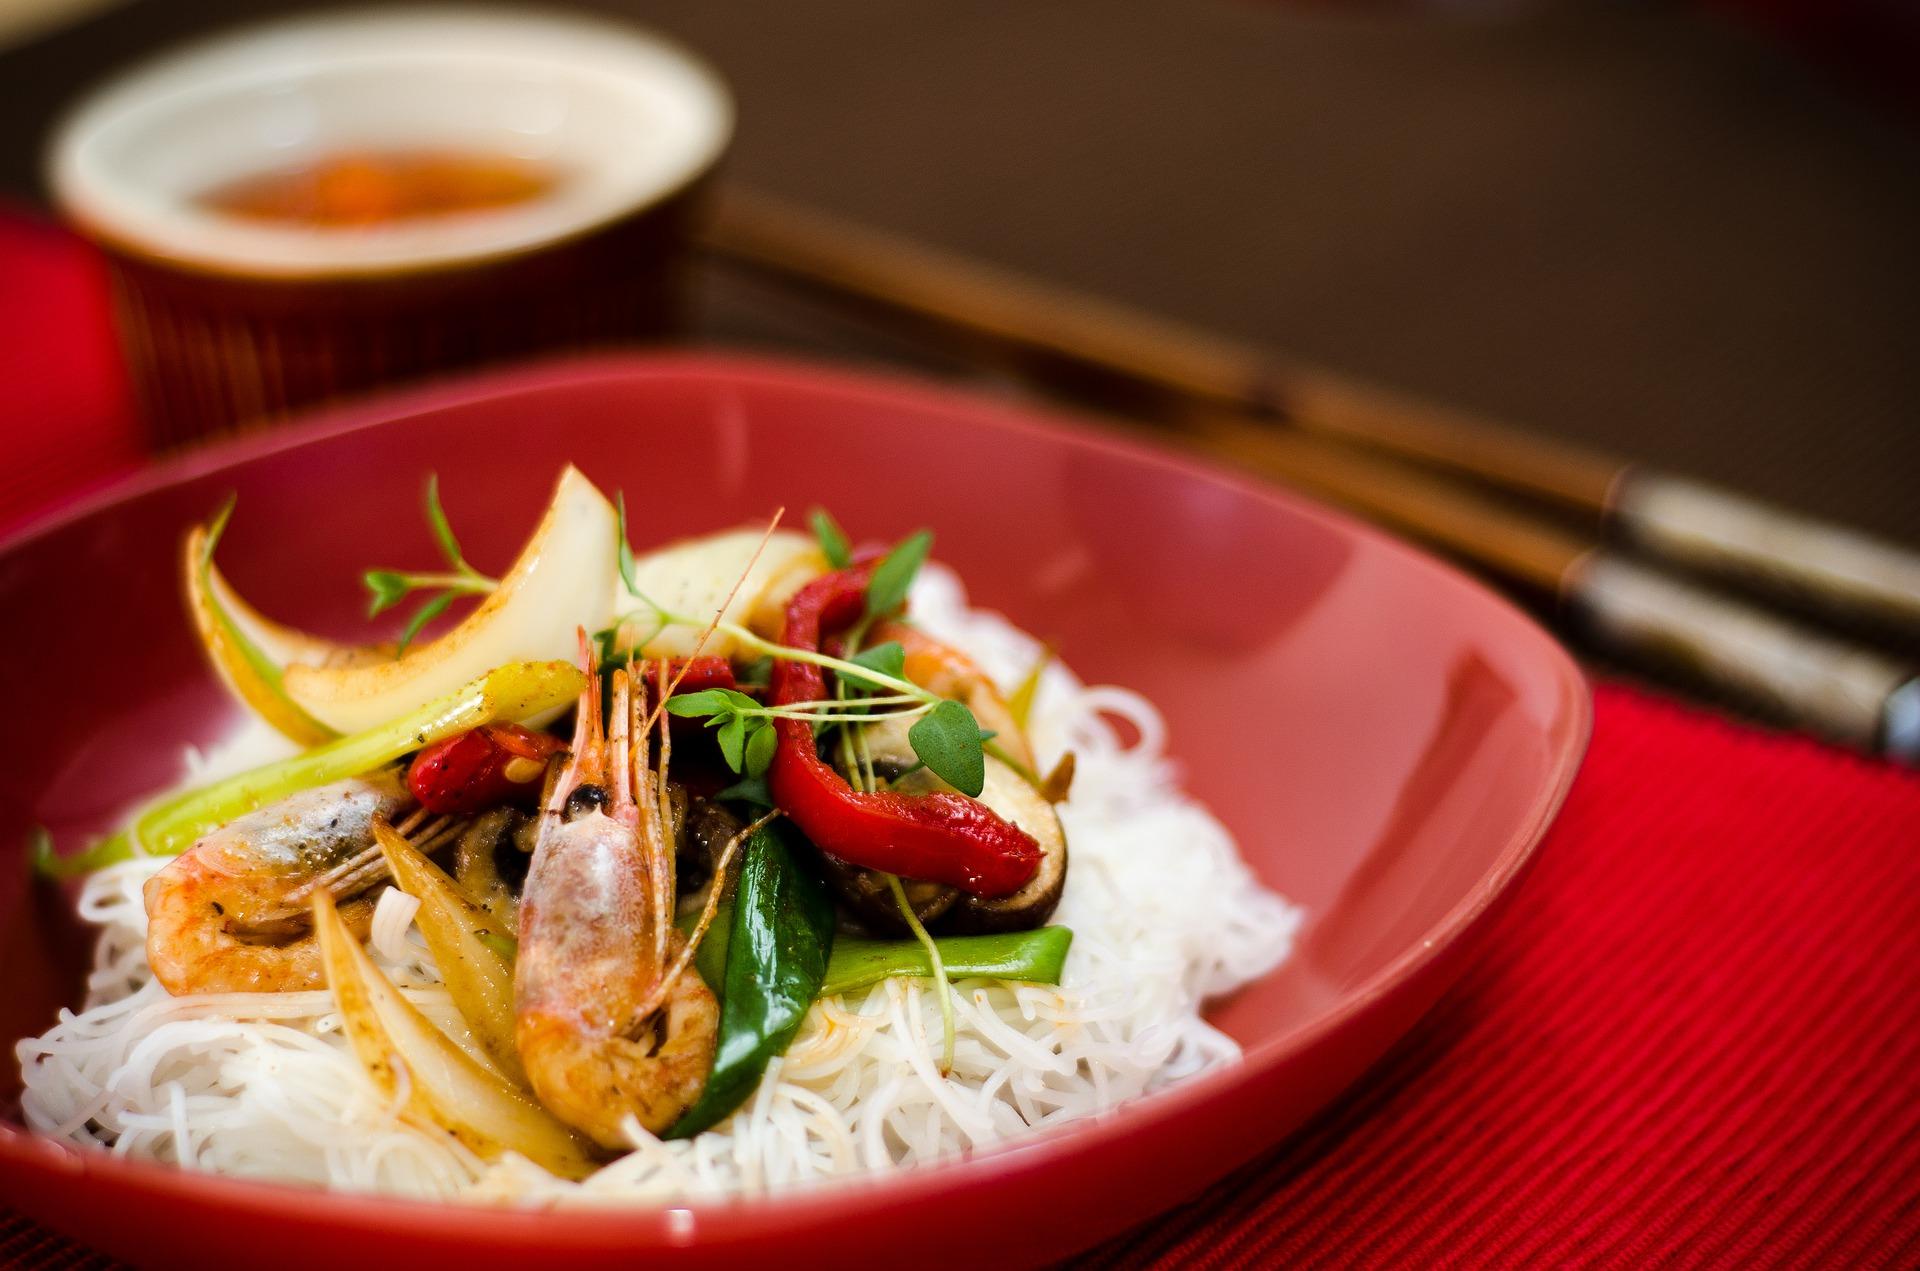 Na czym polega dieta ryżowa?